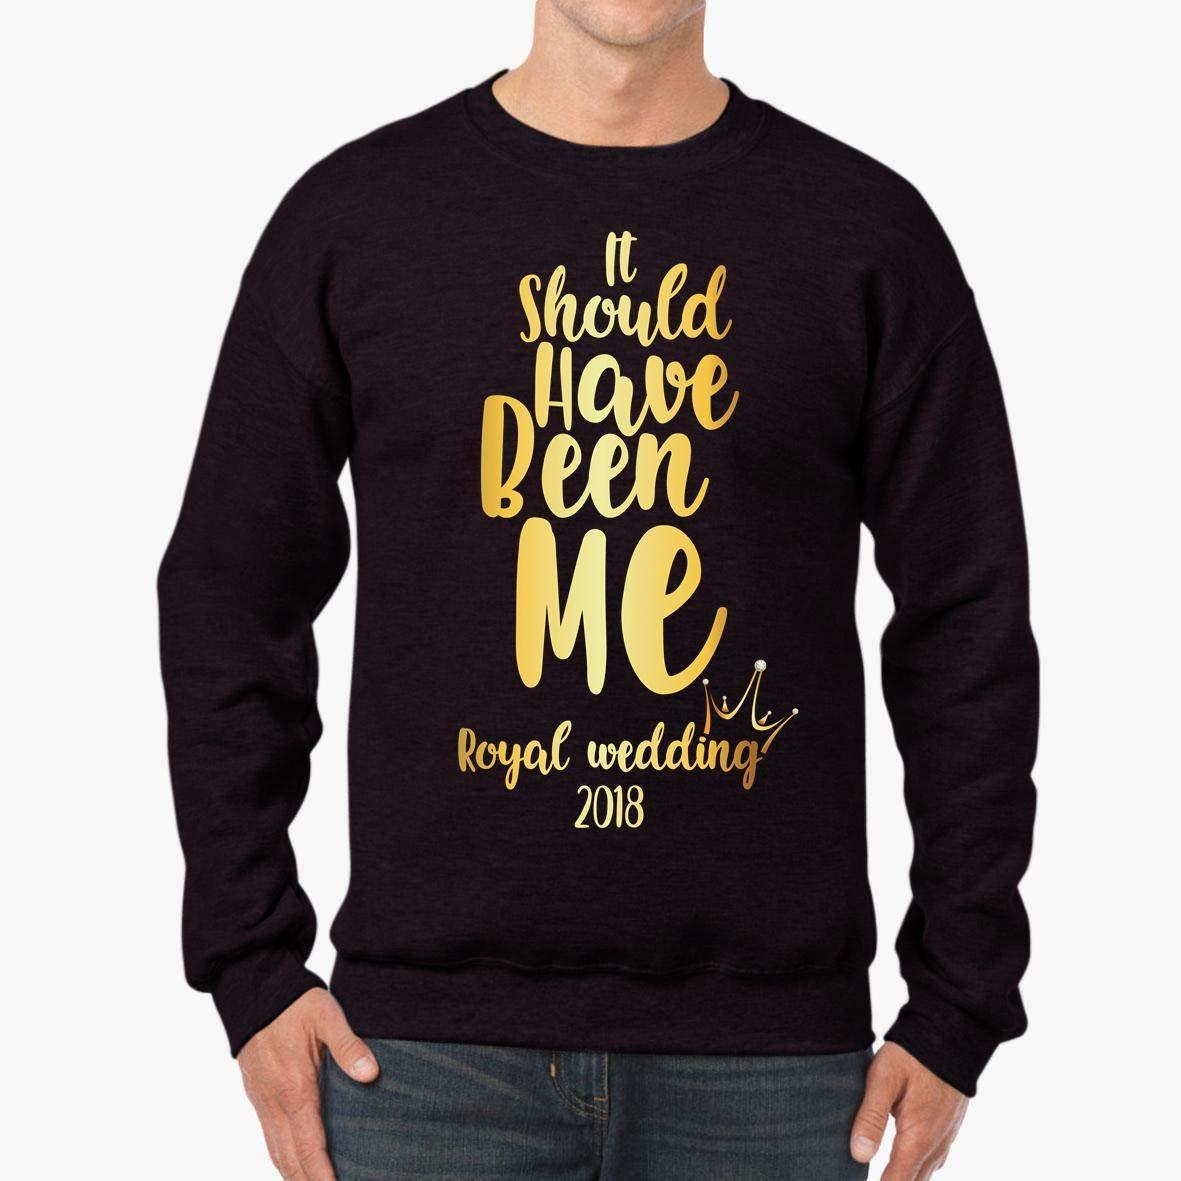 Funny About Royal Wedding 2018 Unisex Sweatshirt It Should/_ve Been Me tee